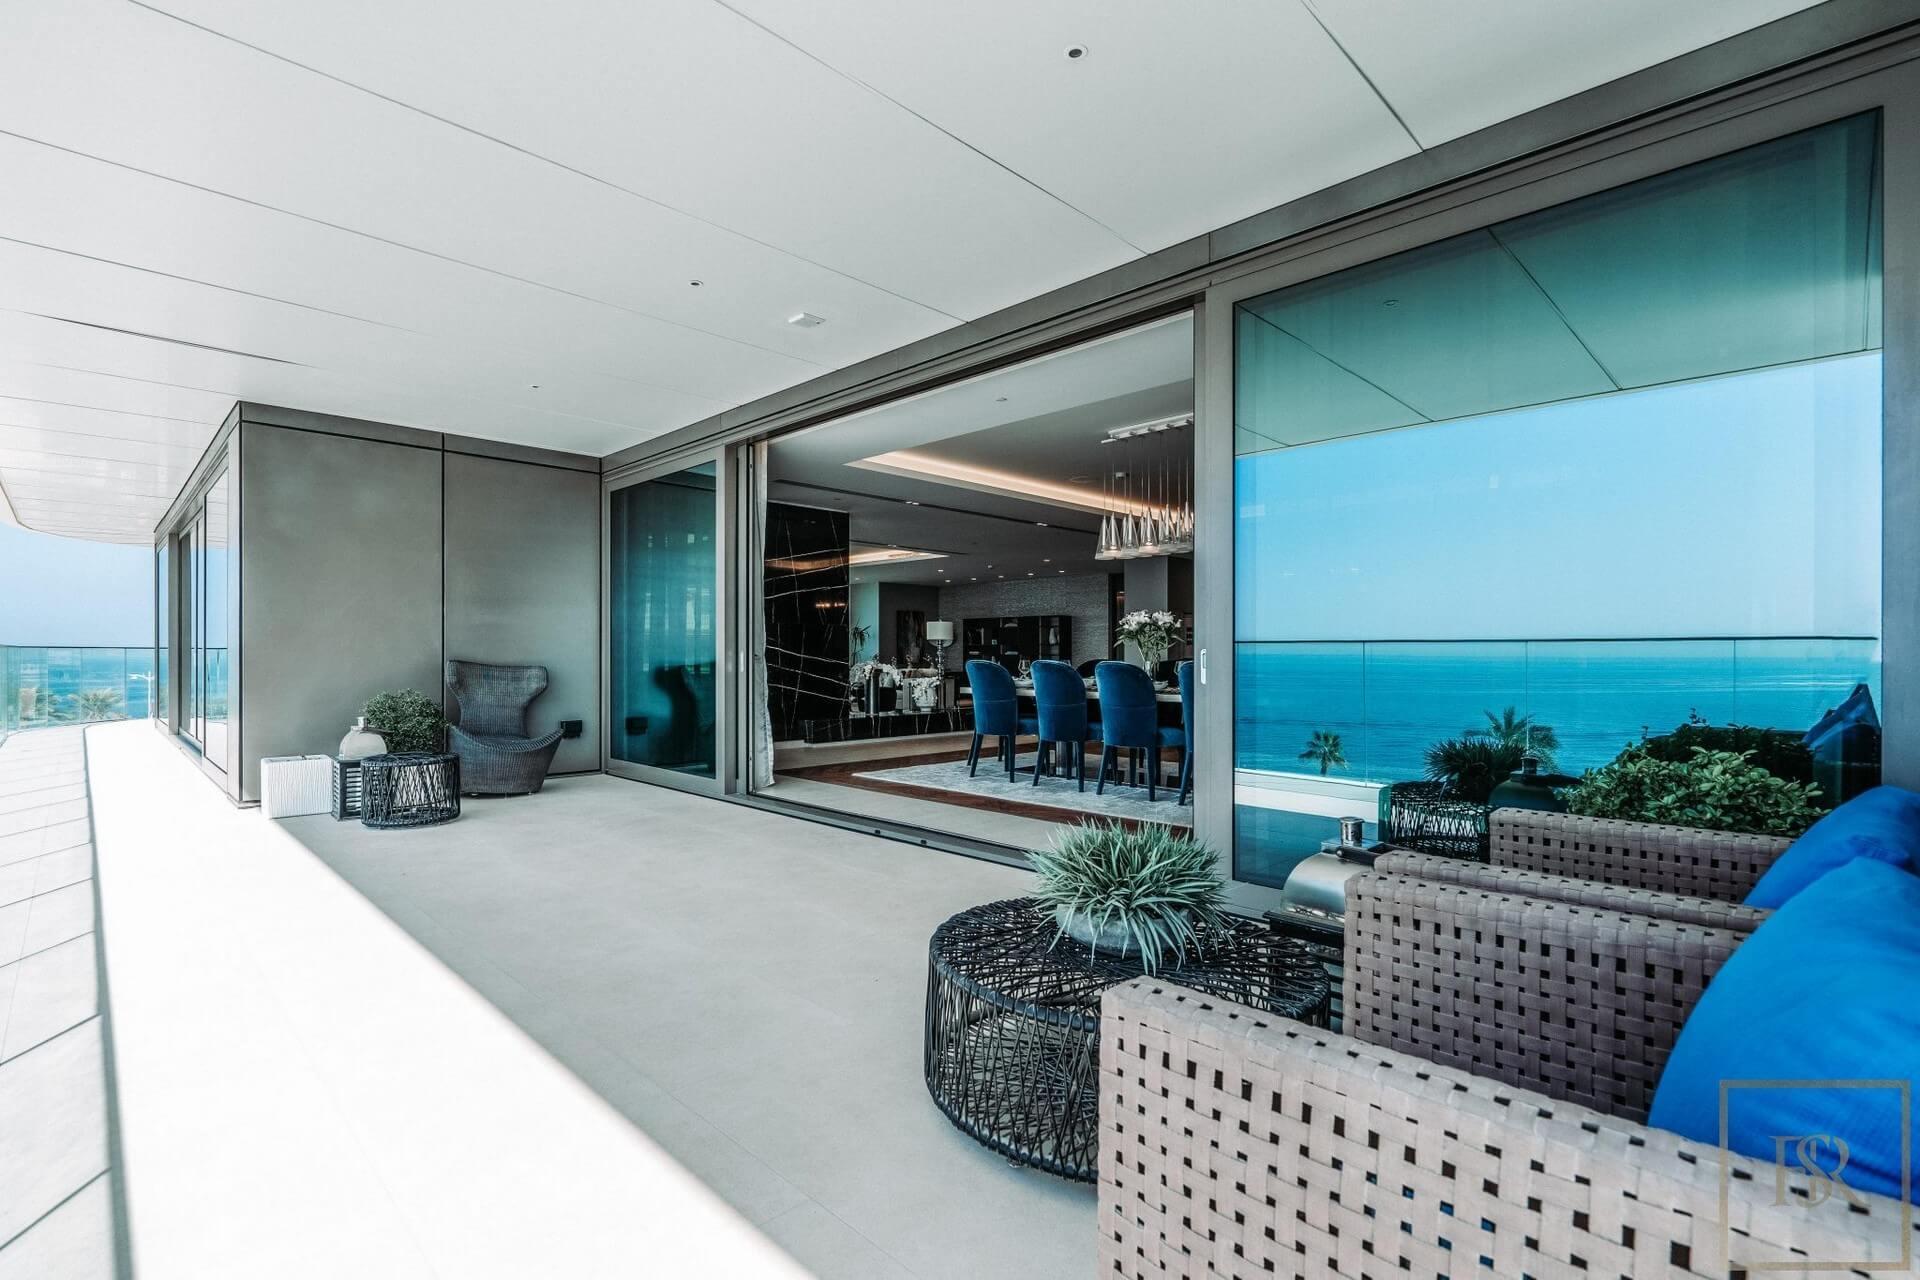 Ático en venta en Dubai, EAU, 4 dormitorios, 1138 m2, № 23890 – foto 2